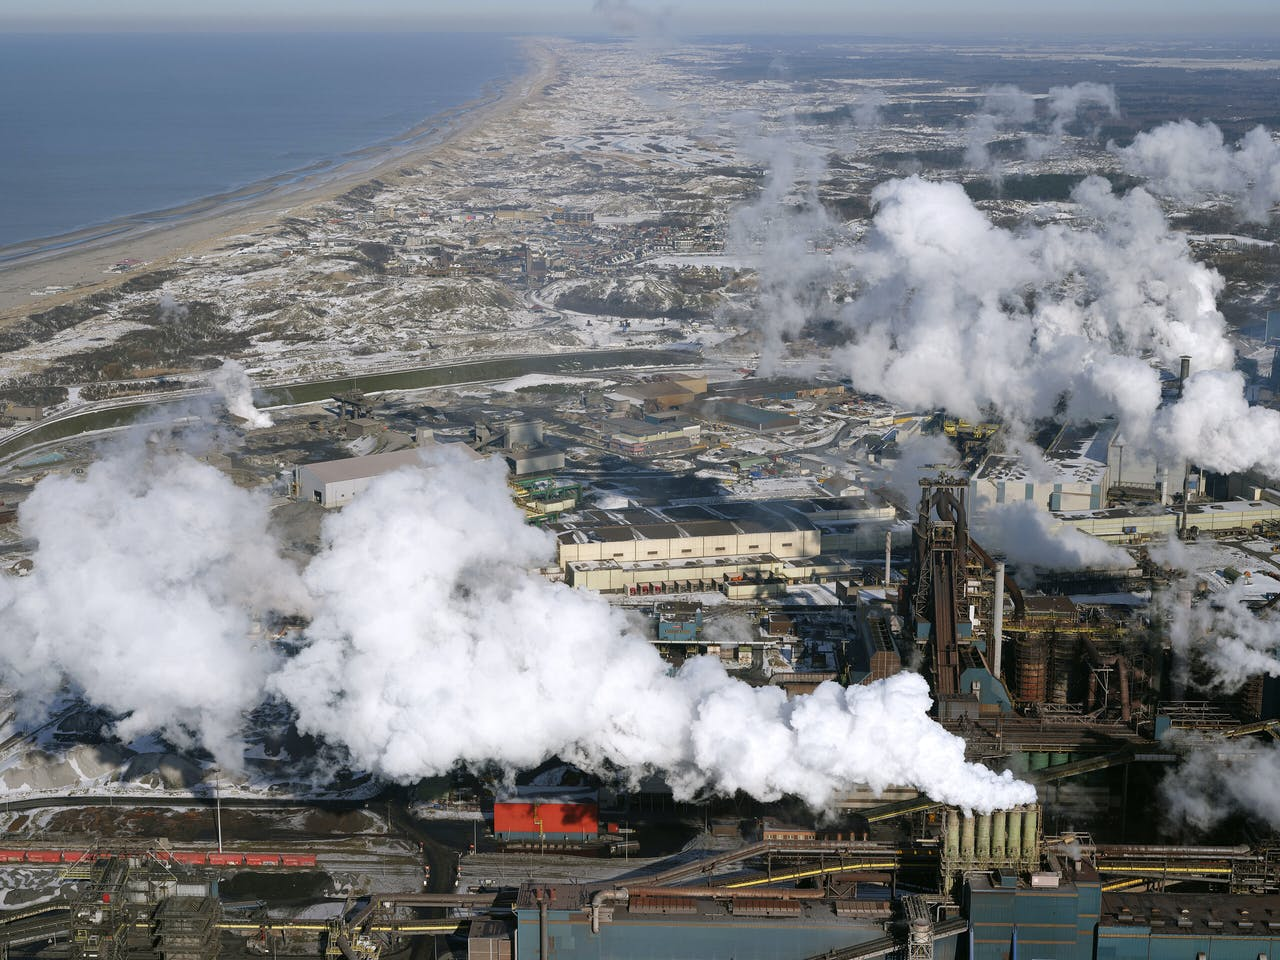 Luchtopname van het terrein van Tata Steel. Sluiten van 'IJmuiden' zou Nederland in één klap veel CO2-uitstoot besparen, evenals overlast voor omwonenden, kopzorgen voor toezichthouders en miljarden aan subsidies.